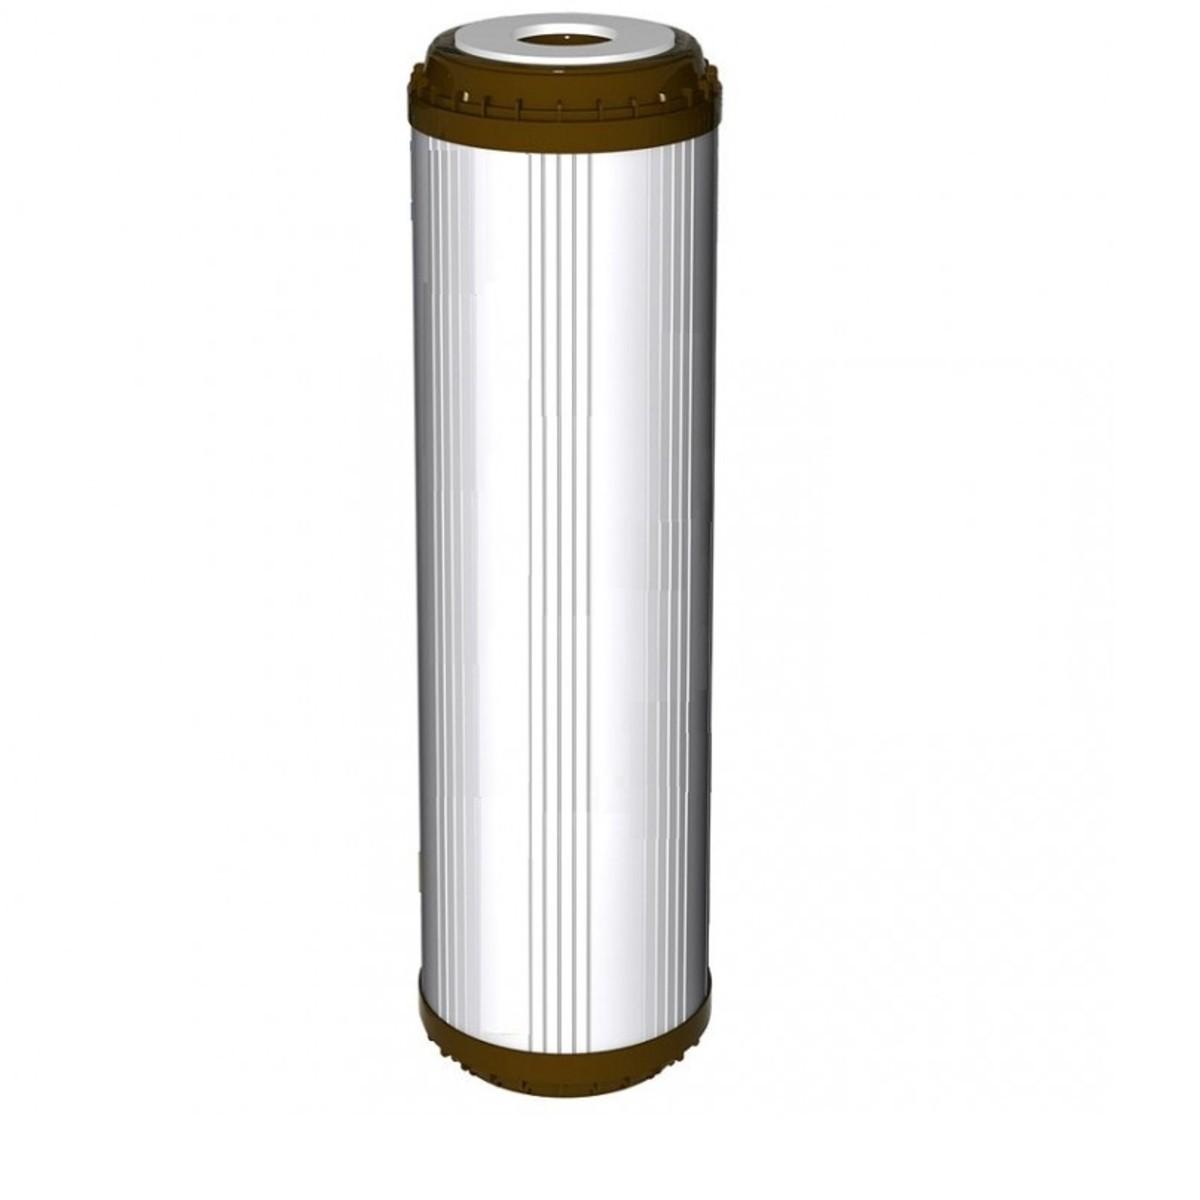 Картридж для обезжелезивания воды Aquafilter FCCFE 10SL